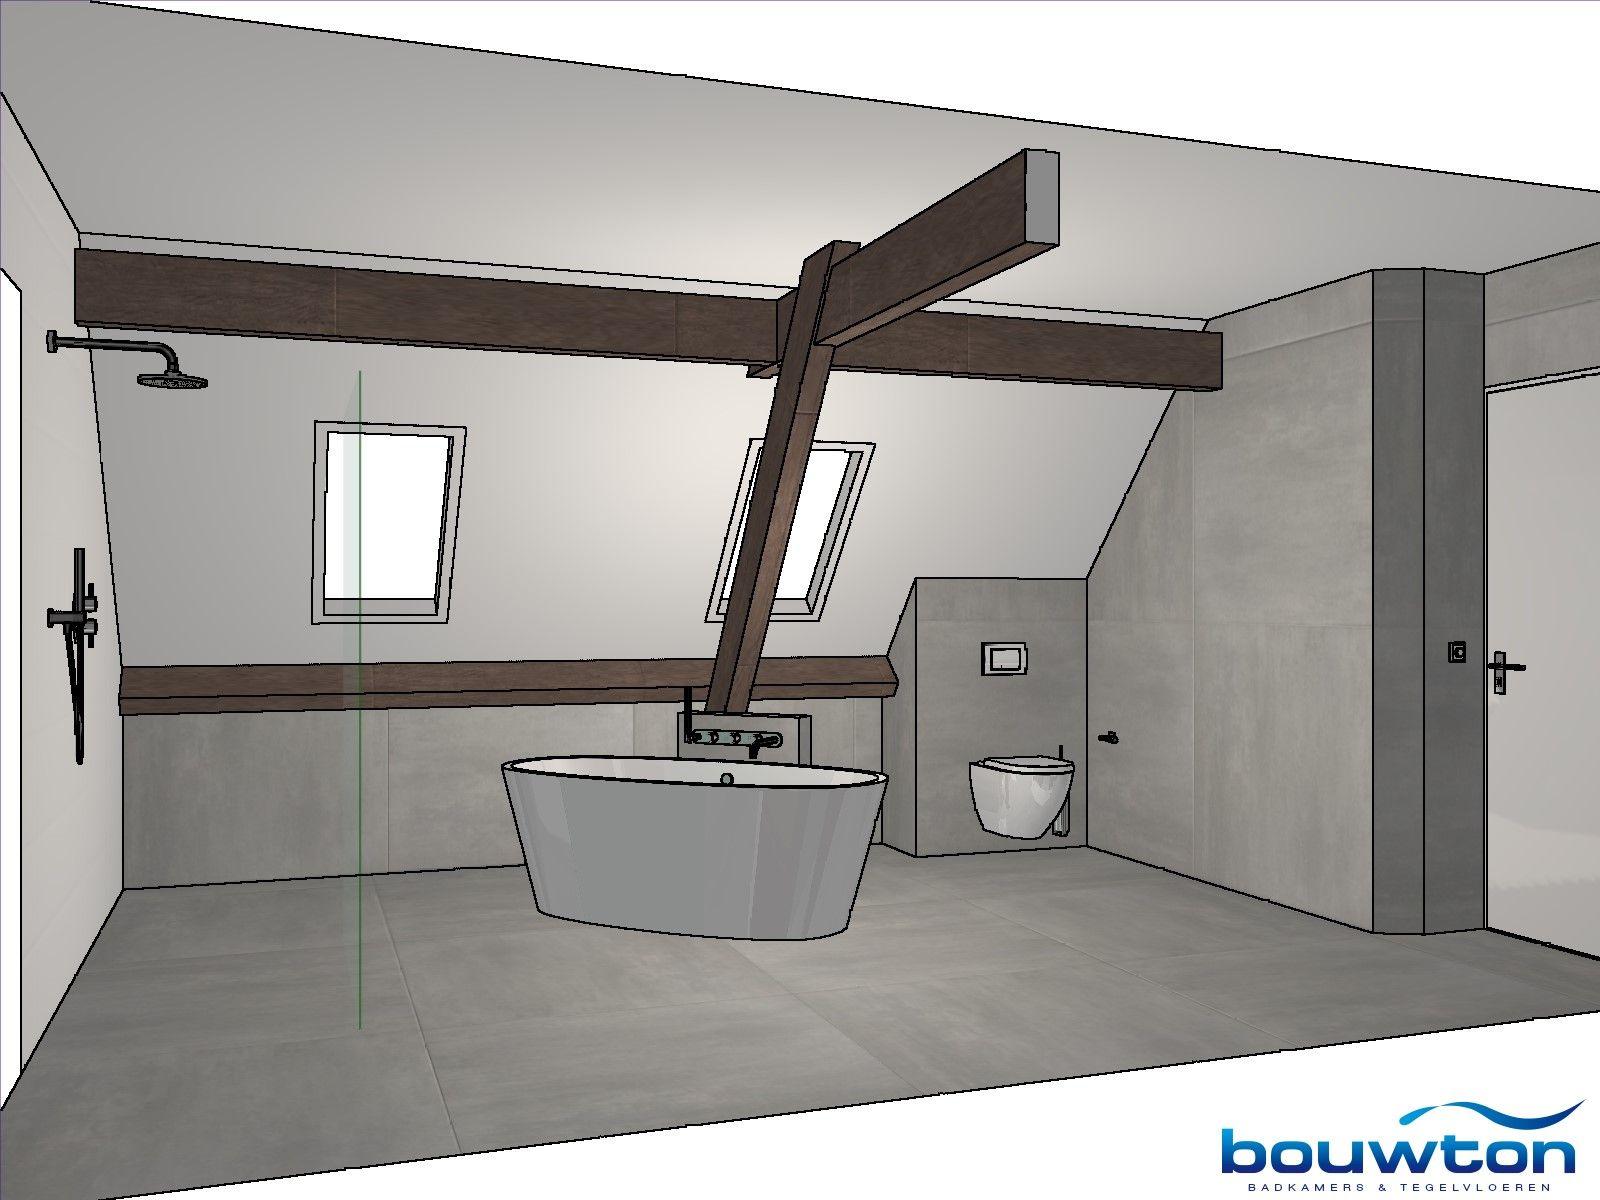 Ontwerp Badkamer Maken : Ontwerp voor uw badkamer laten maken wij helpen u graag met het